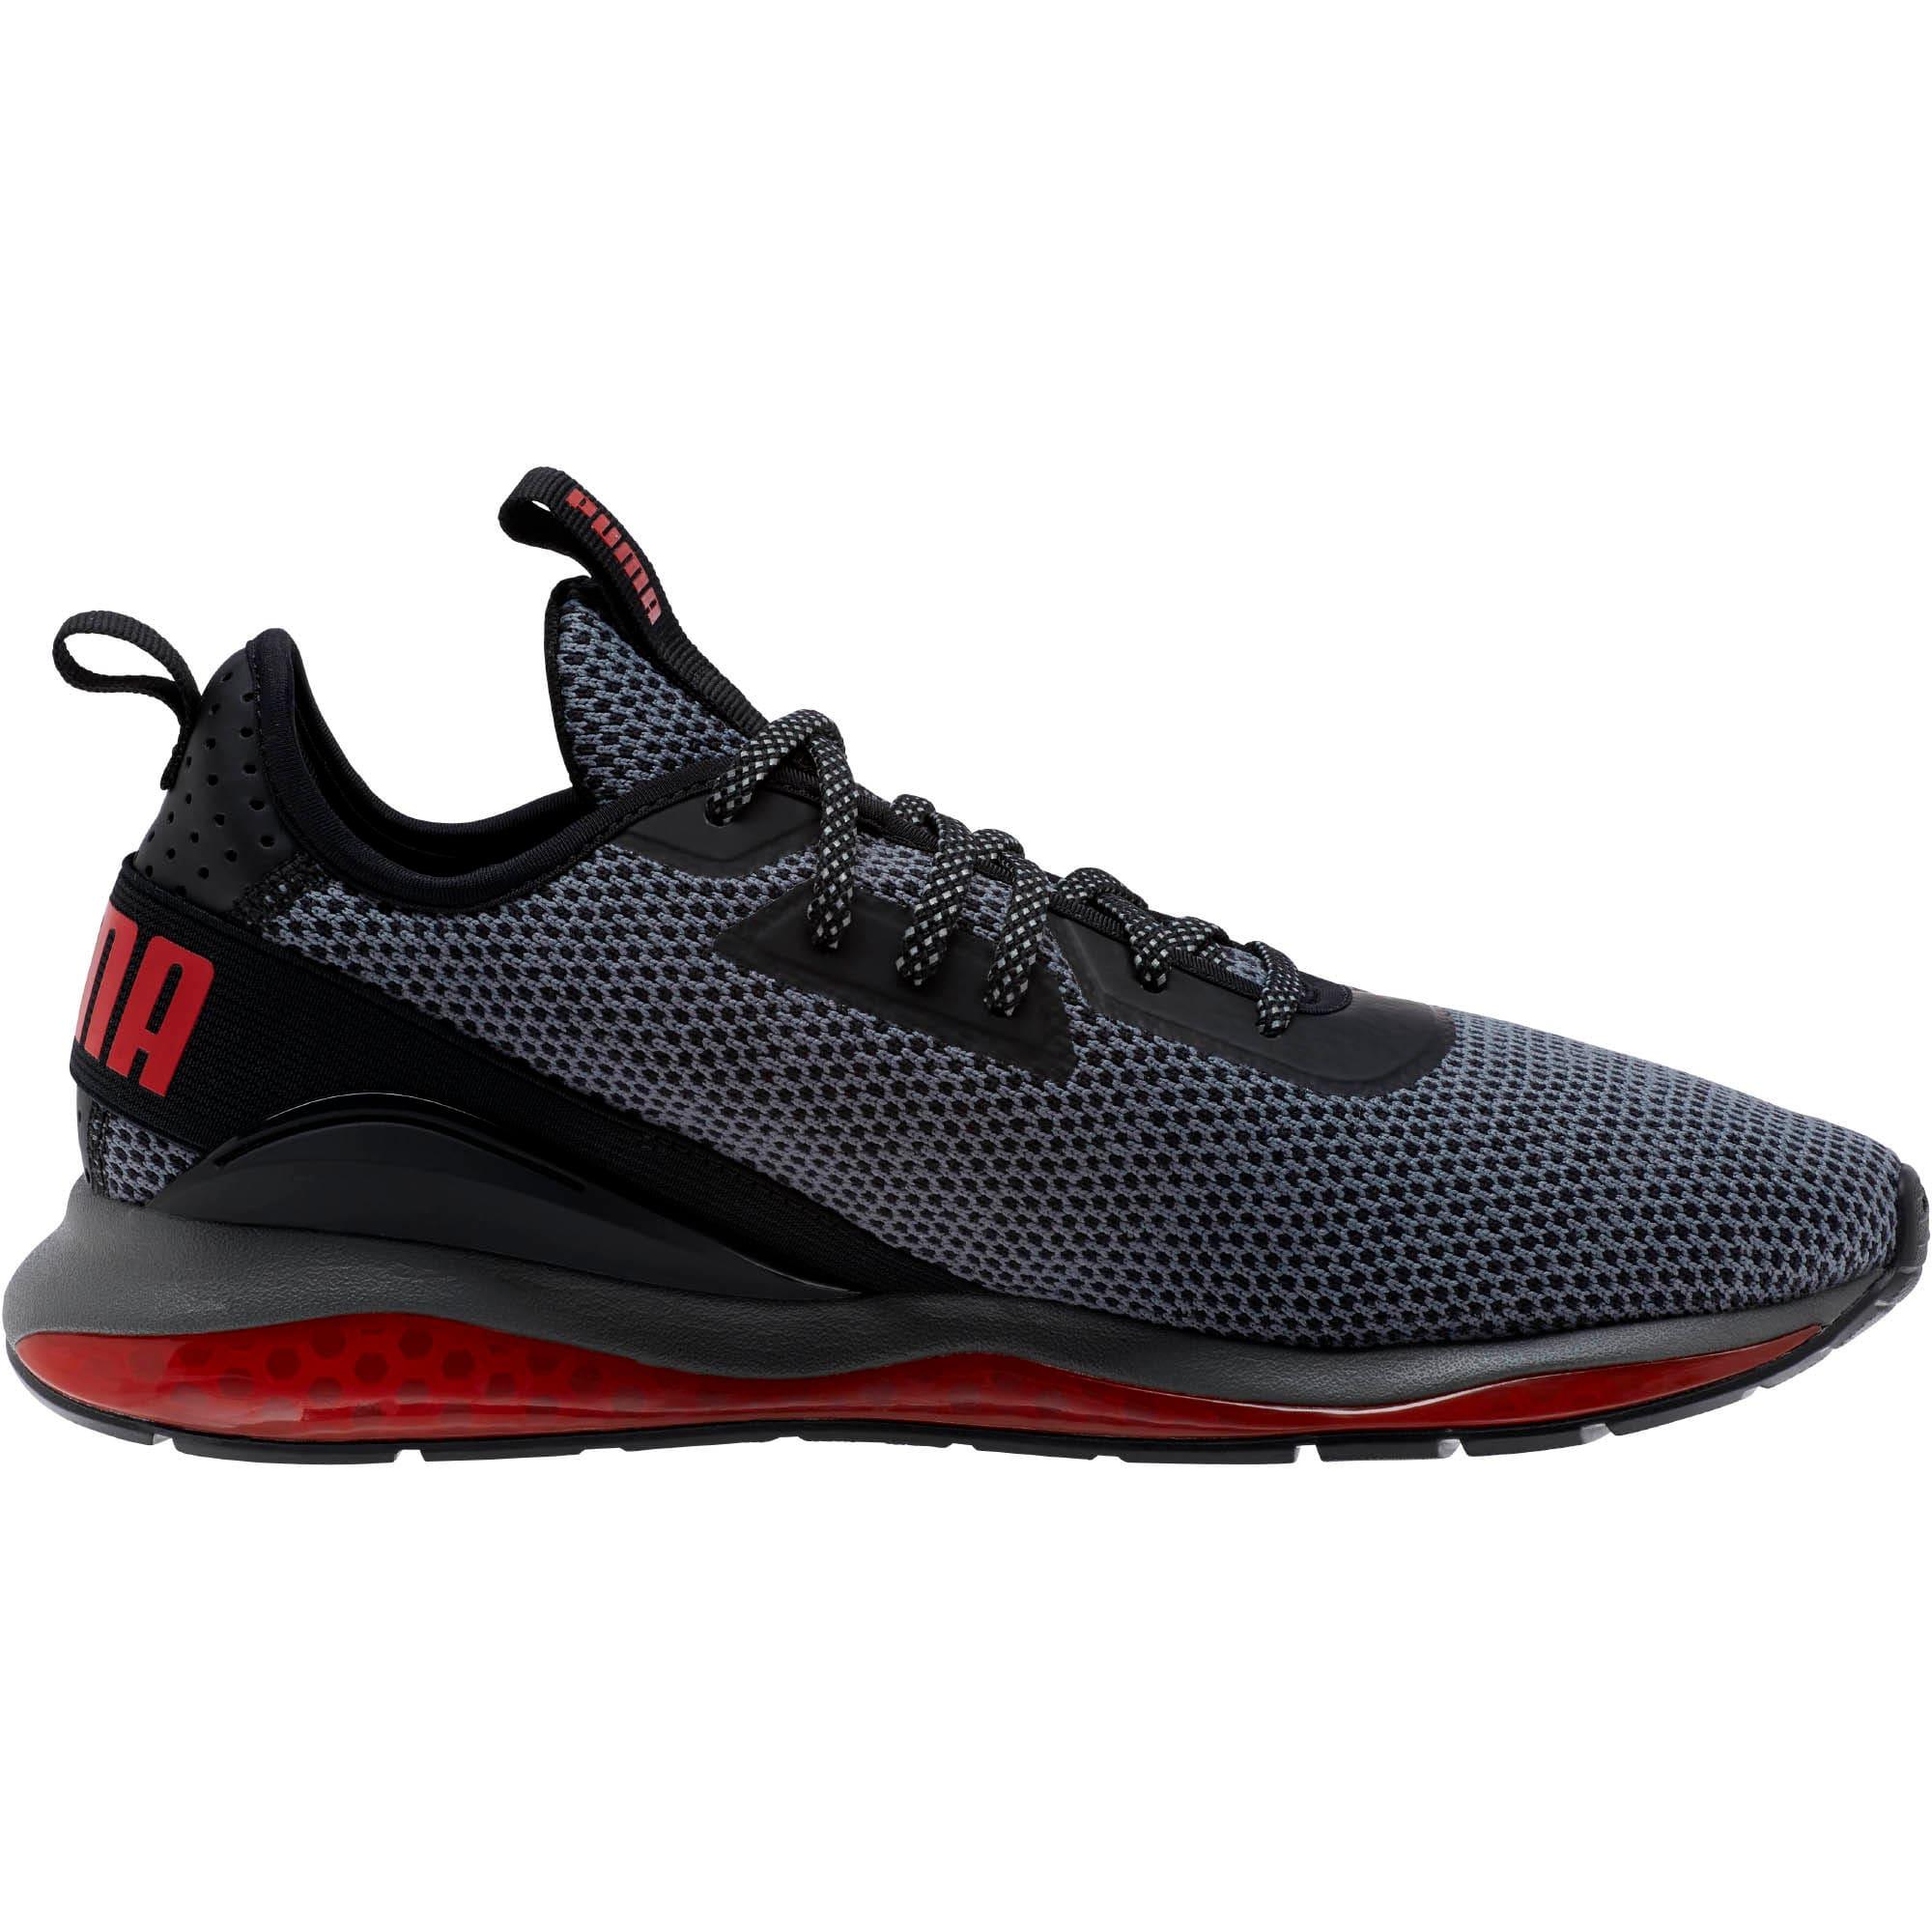 Thumbnail 3 of CELL Descend Running Shoes, Pma Blk-Rbn Rd-Pma Agd Slvr, medium